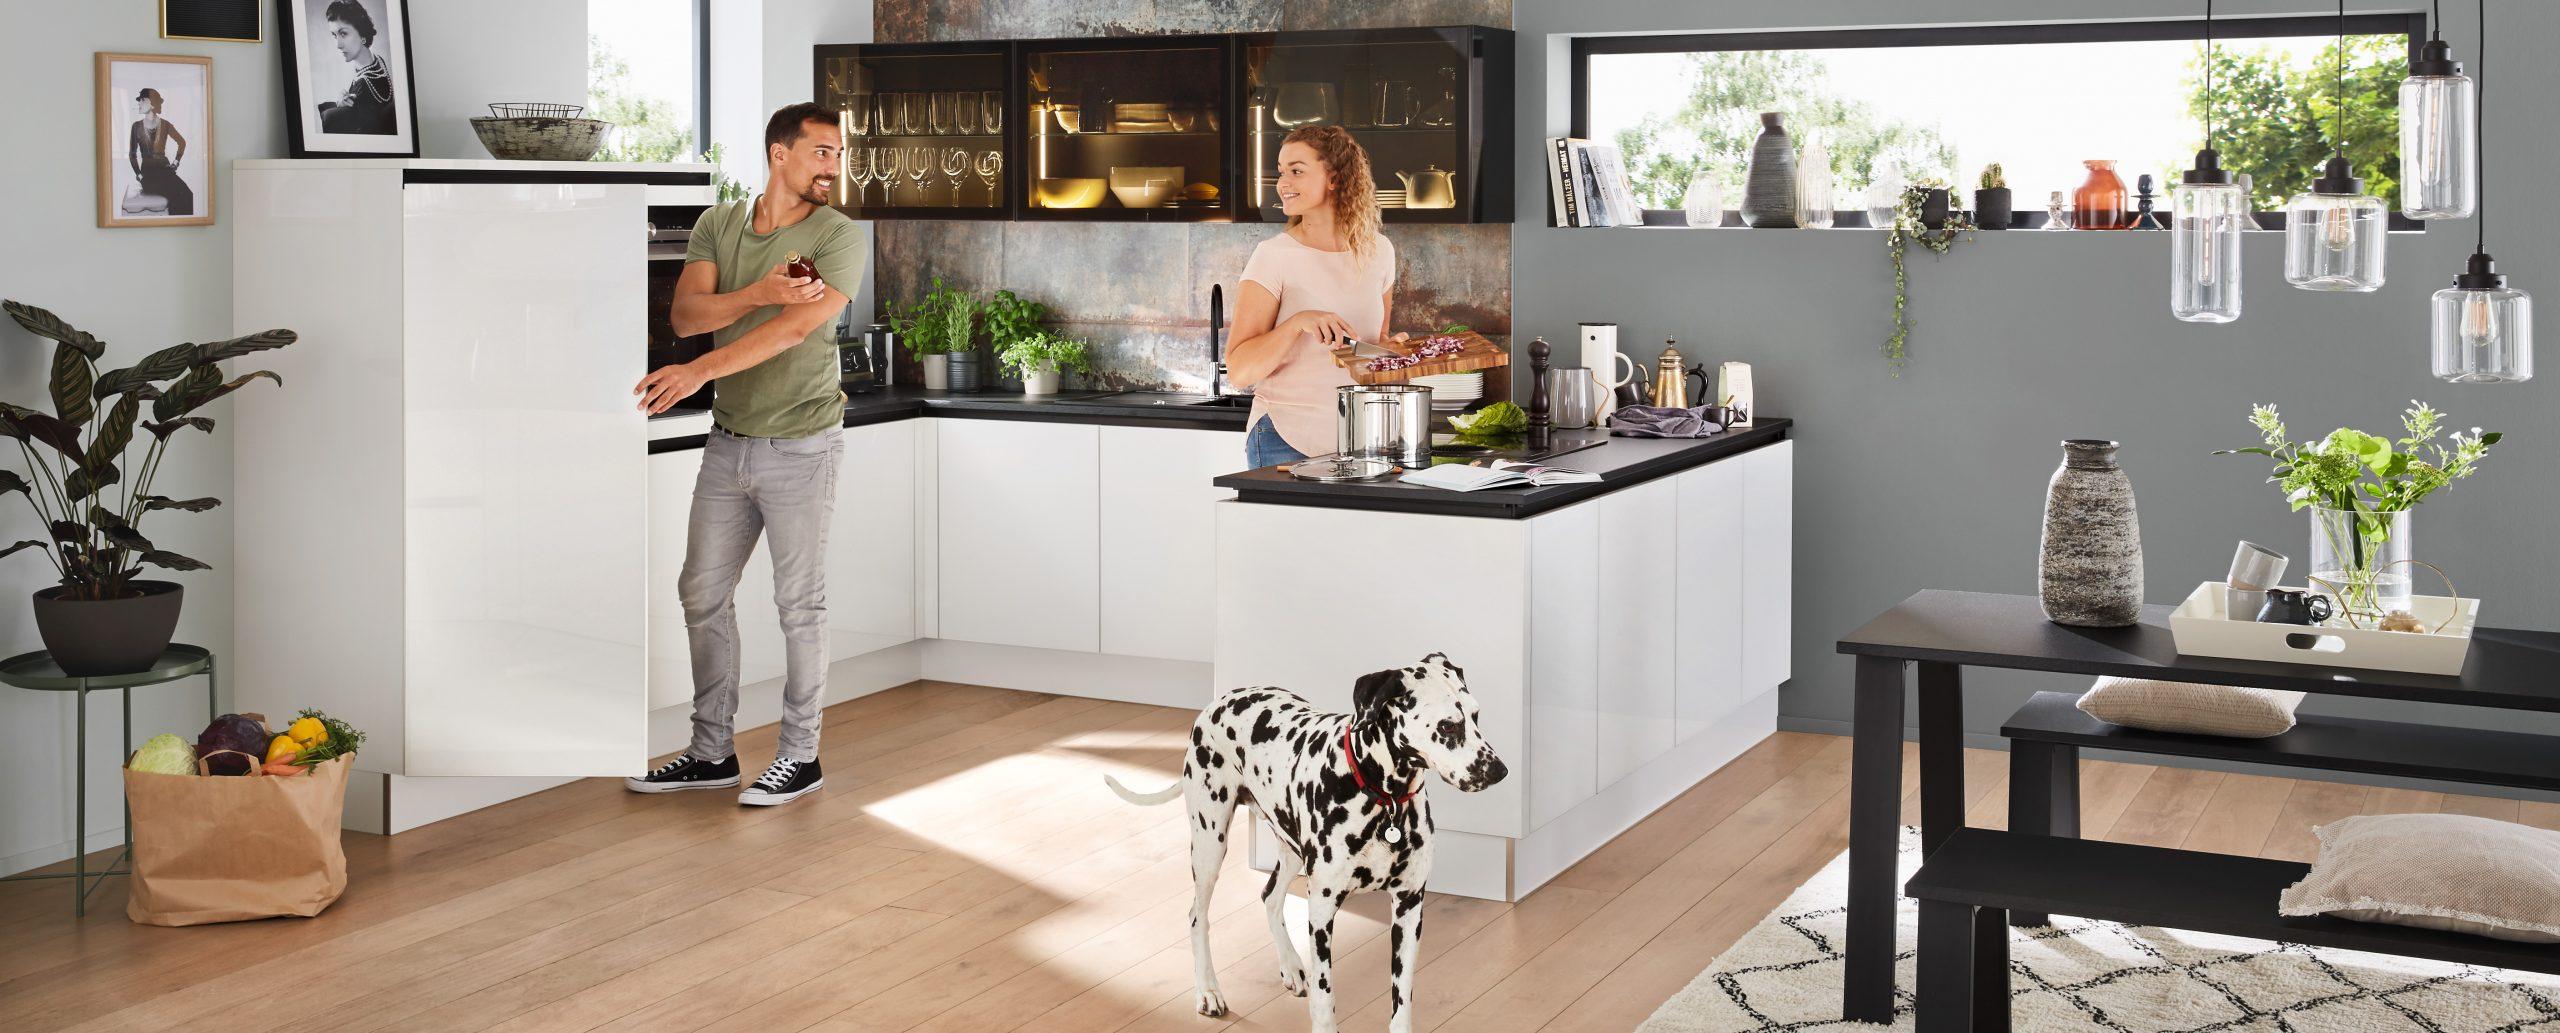 Full Size of Meterpreis Küche Nolte Küche Nolte Erfahrung Küche Nolte Magnolia Grifflose Küche Nolte Erfahrungen Küche Küche Ohne Geräte